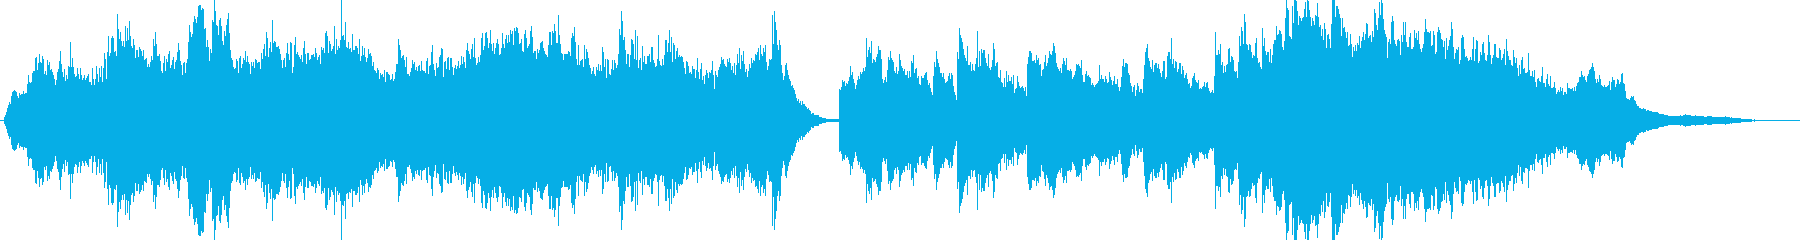 ピアノで軽音楽な曲の再生済みの波形